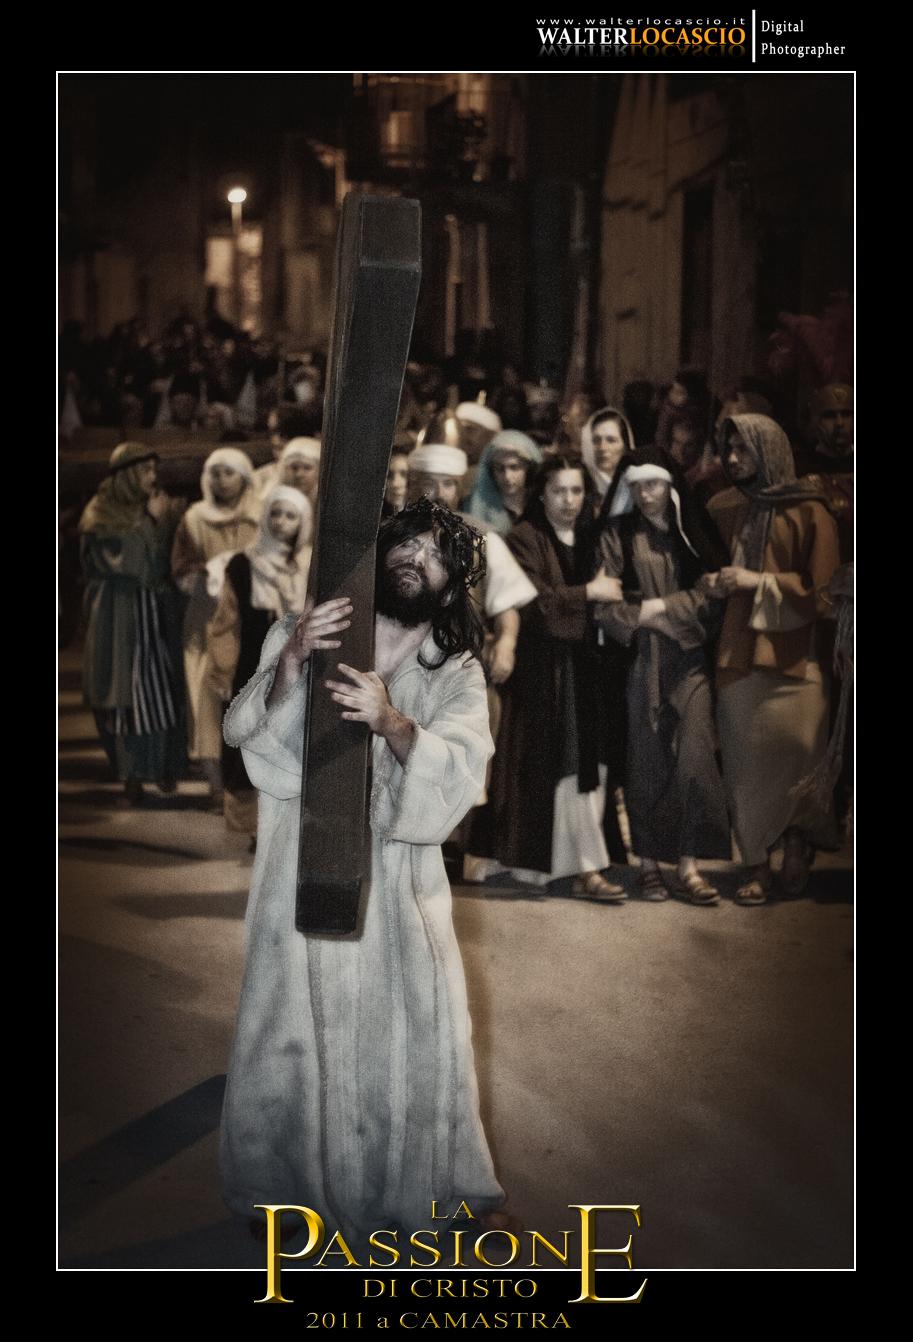 la_passione_di_Cristo_Mussomeli_Camastra (30).jpg